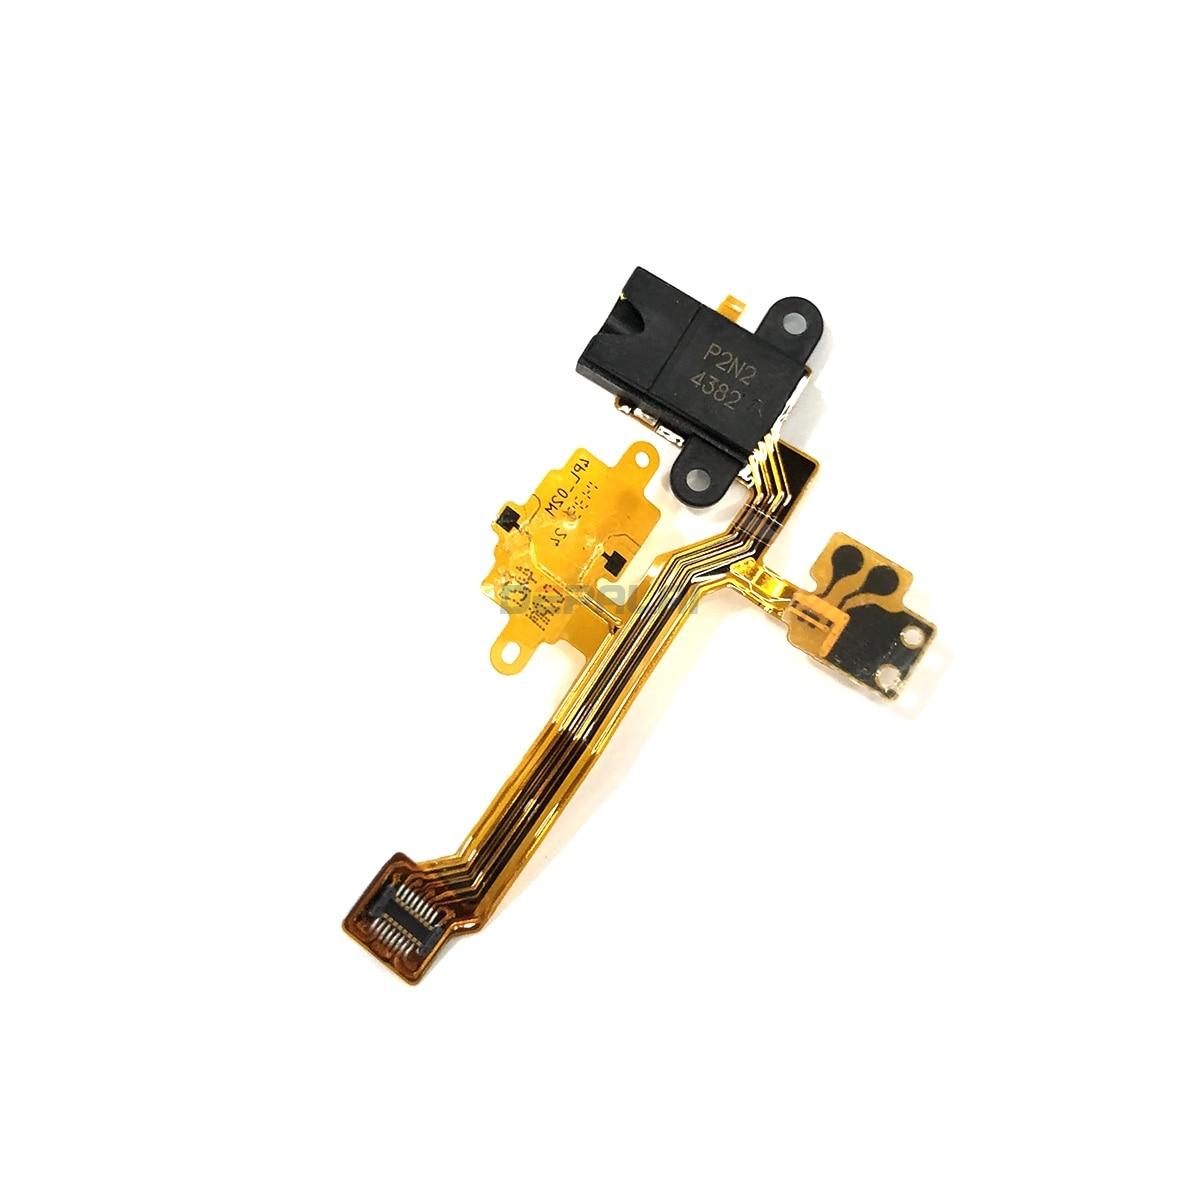 Auriculares Audio Jack de reemplazo de cable flexible reparación de piezas de repuesto para Nokia Lumia 925, 630, 638, 920, 1520, 820, 930, 1020, 520, 720 teléfono